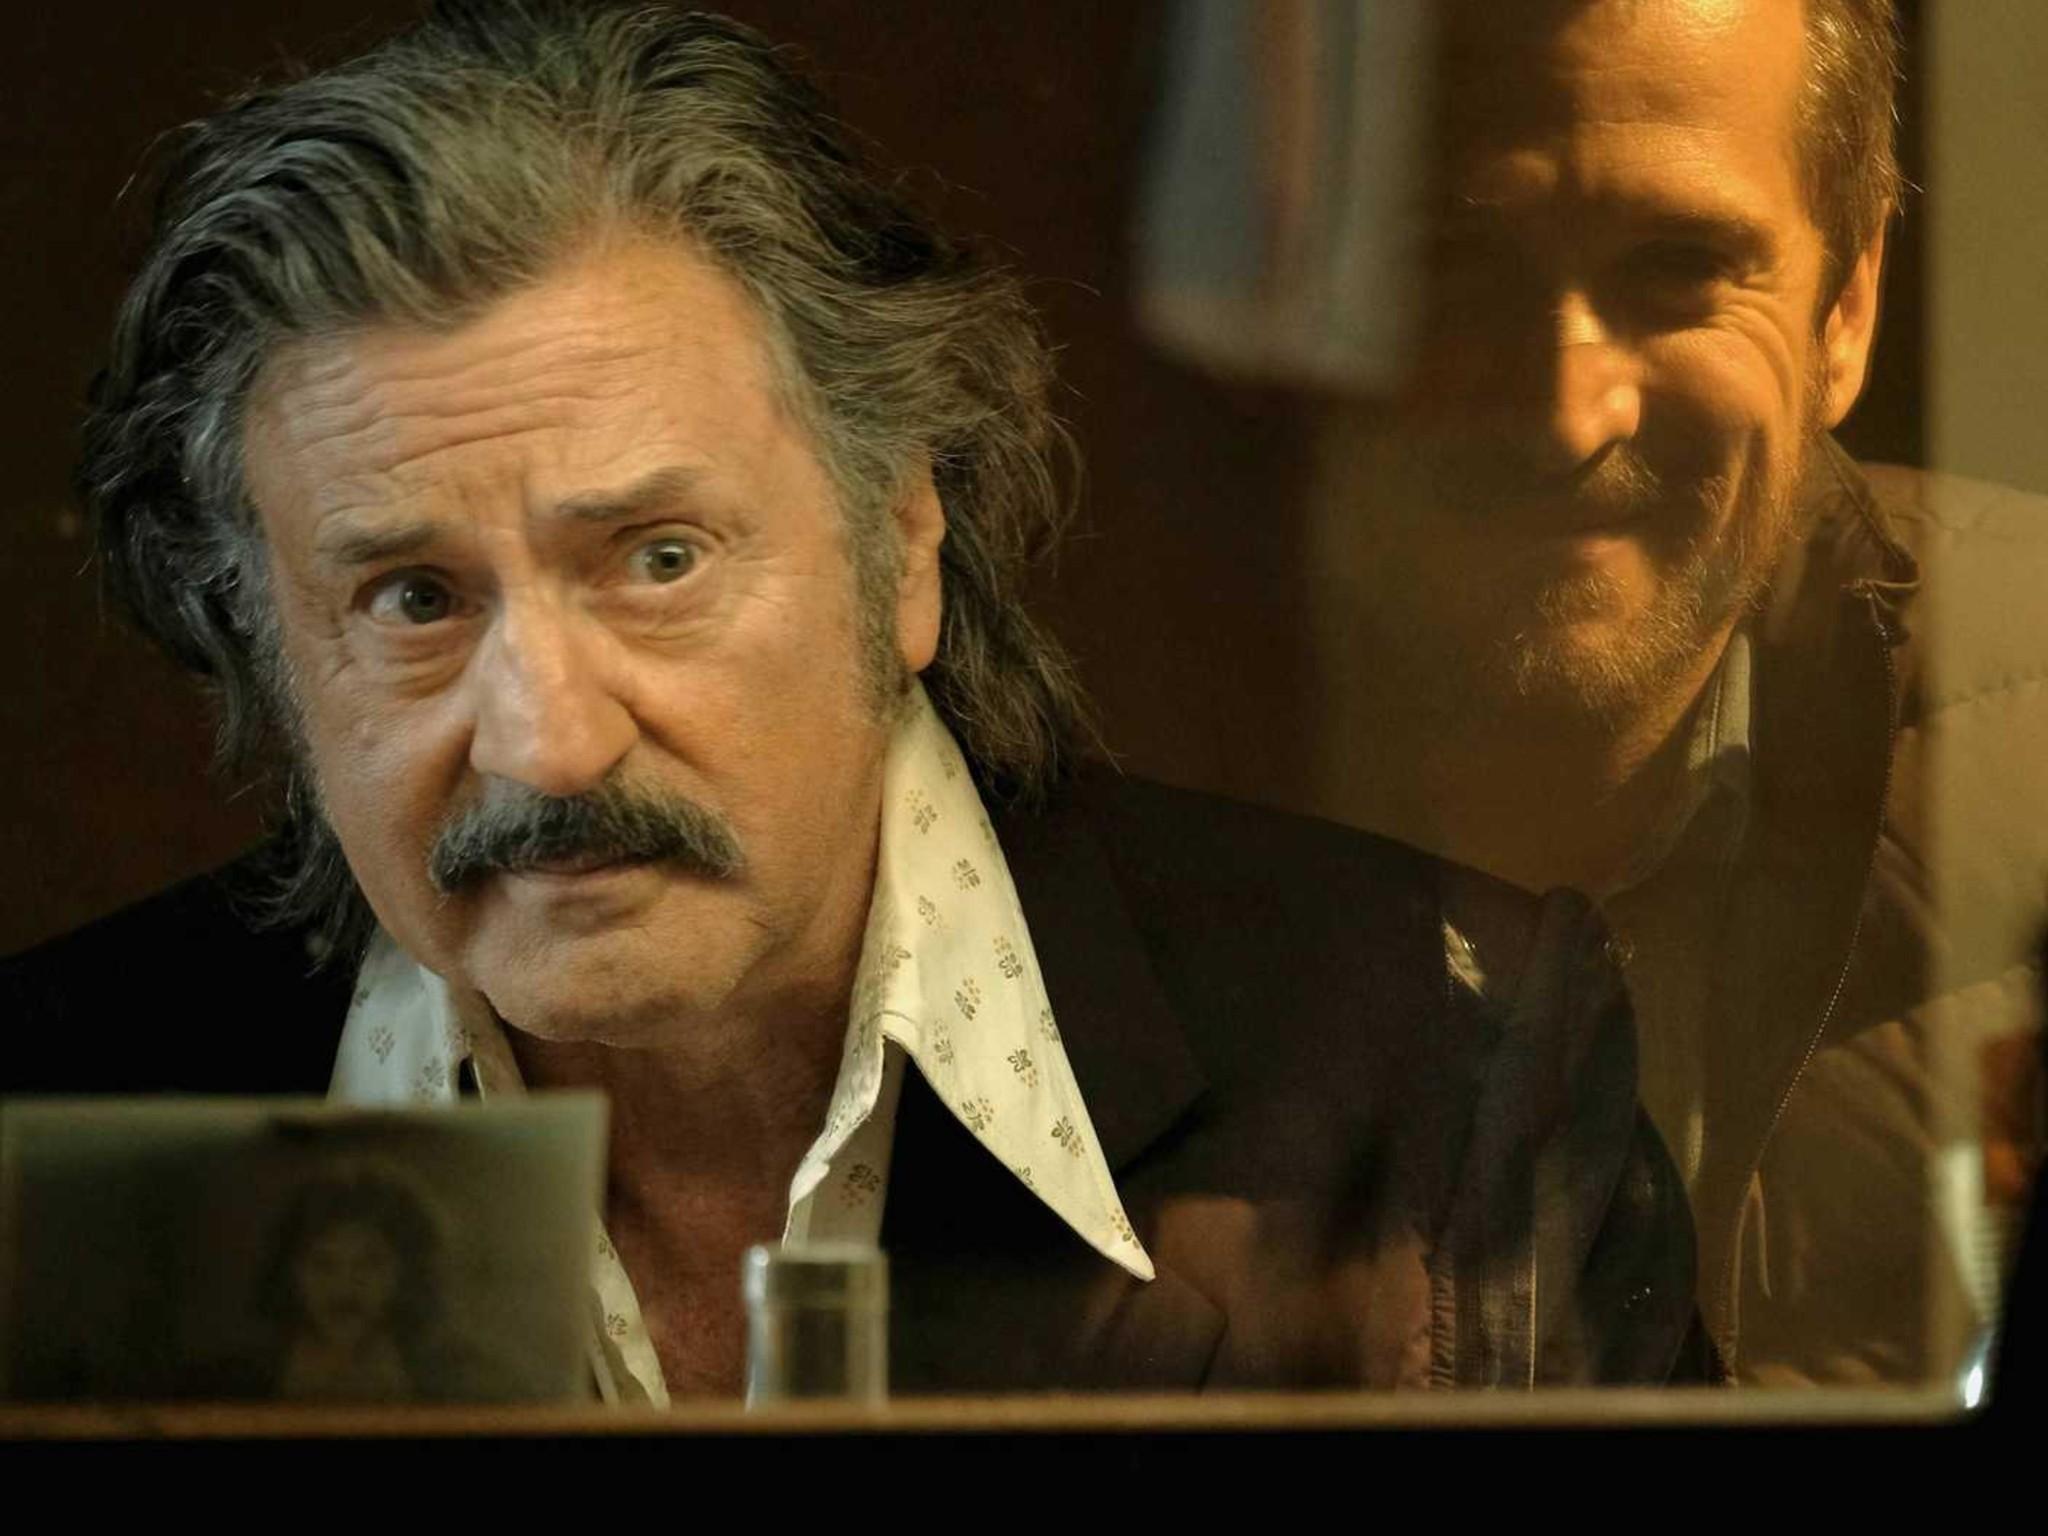 La belle époque , en el tour de cine francés